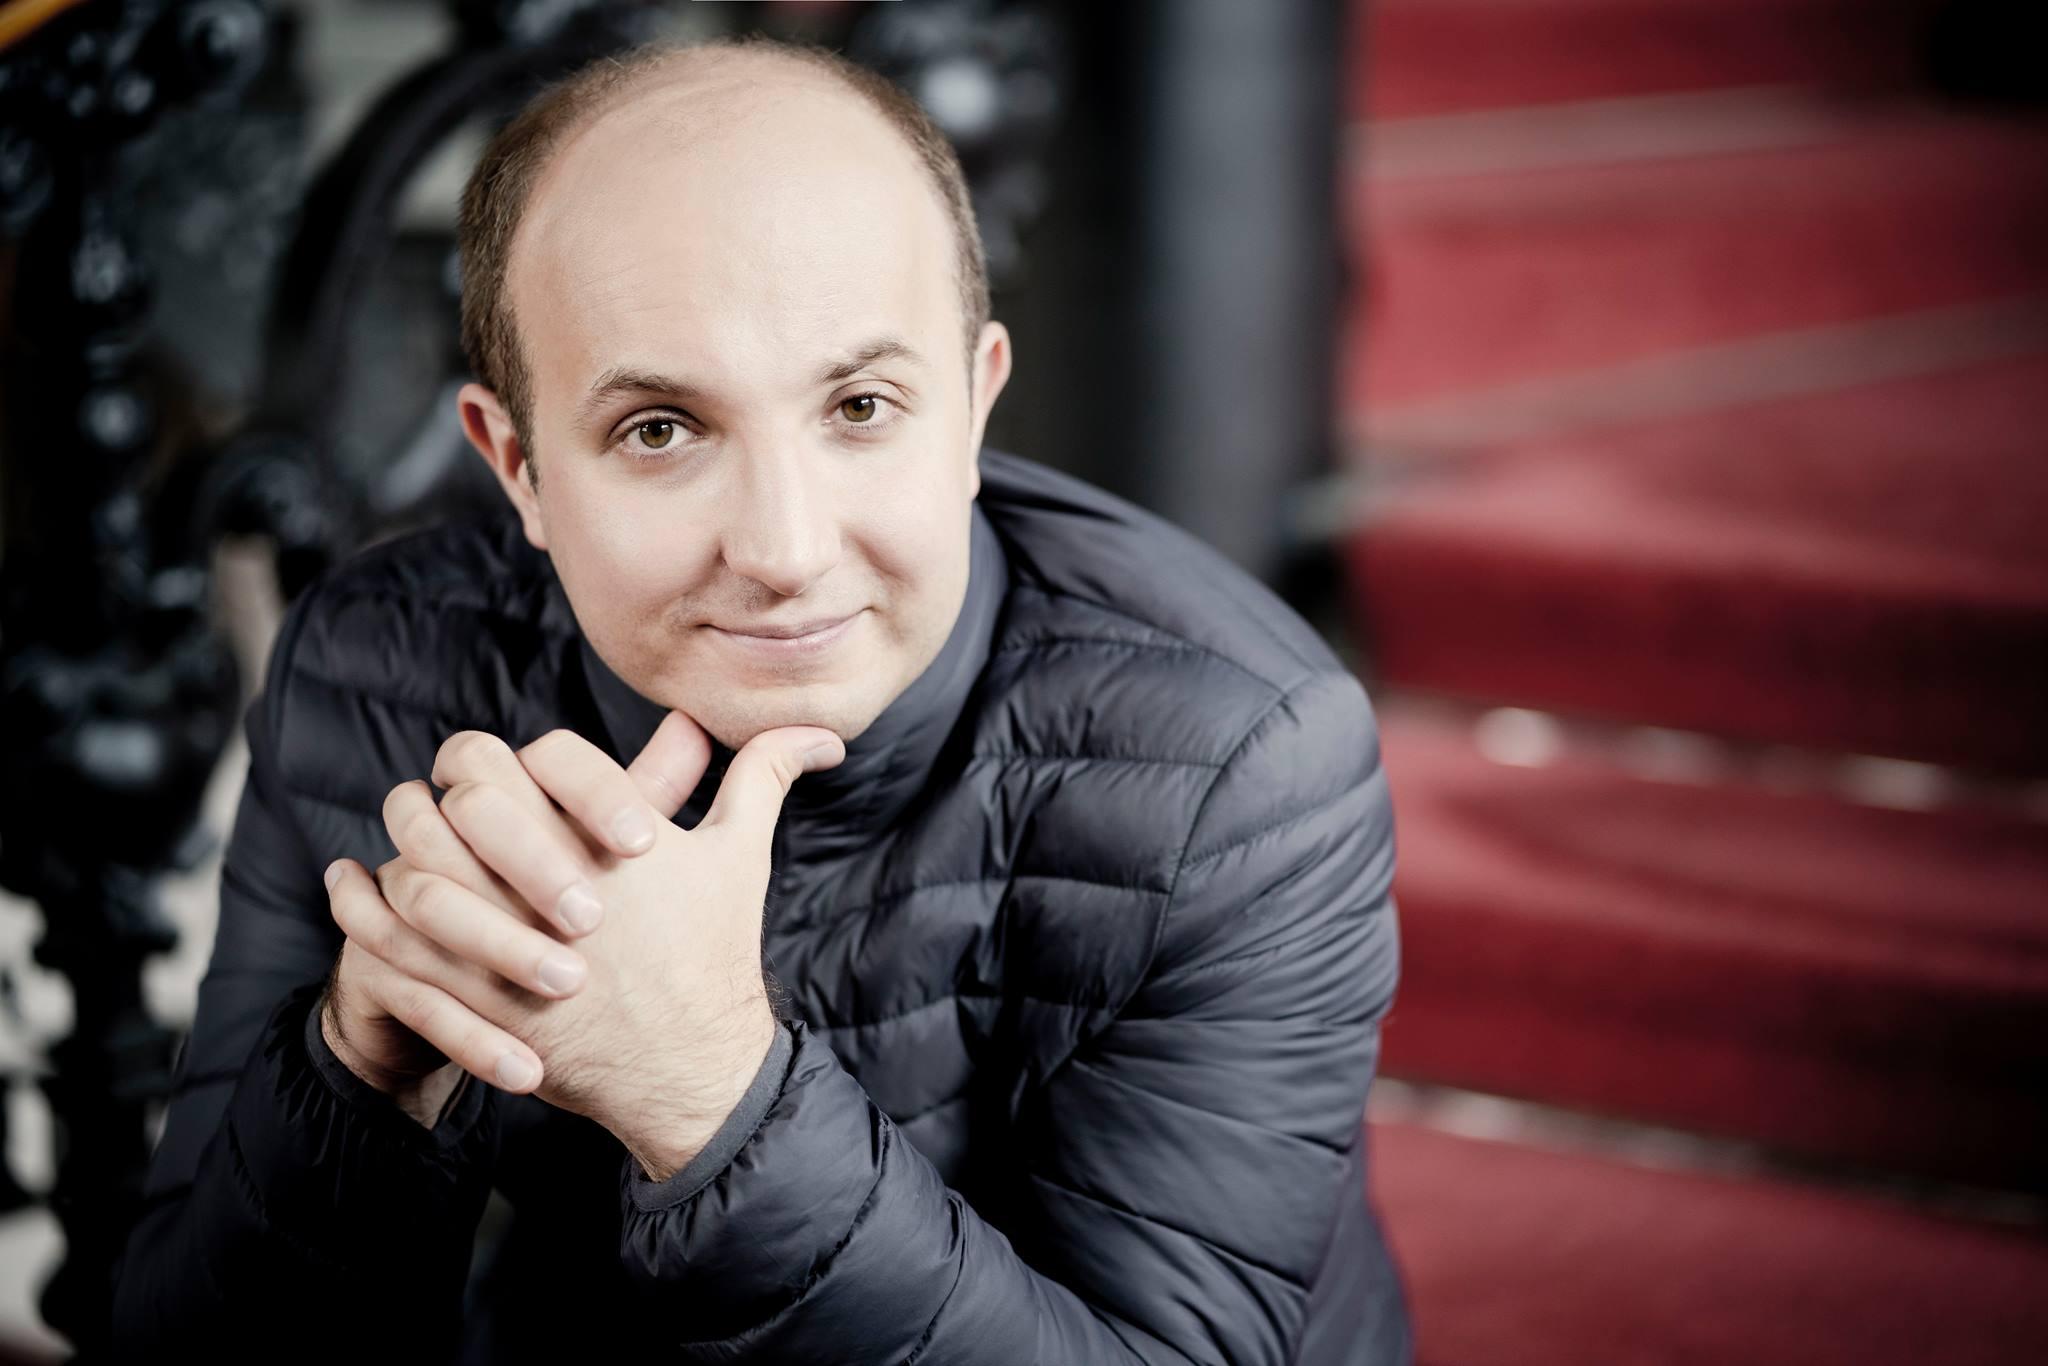 Od Prokofiewa do Szostakowicza, czyli dwa oblicza symfoniki rosyjskiej. Koncert na Ołowiance